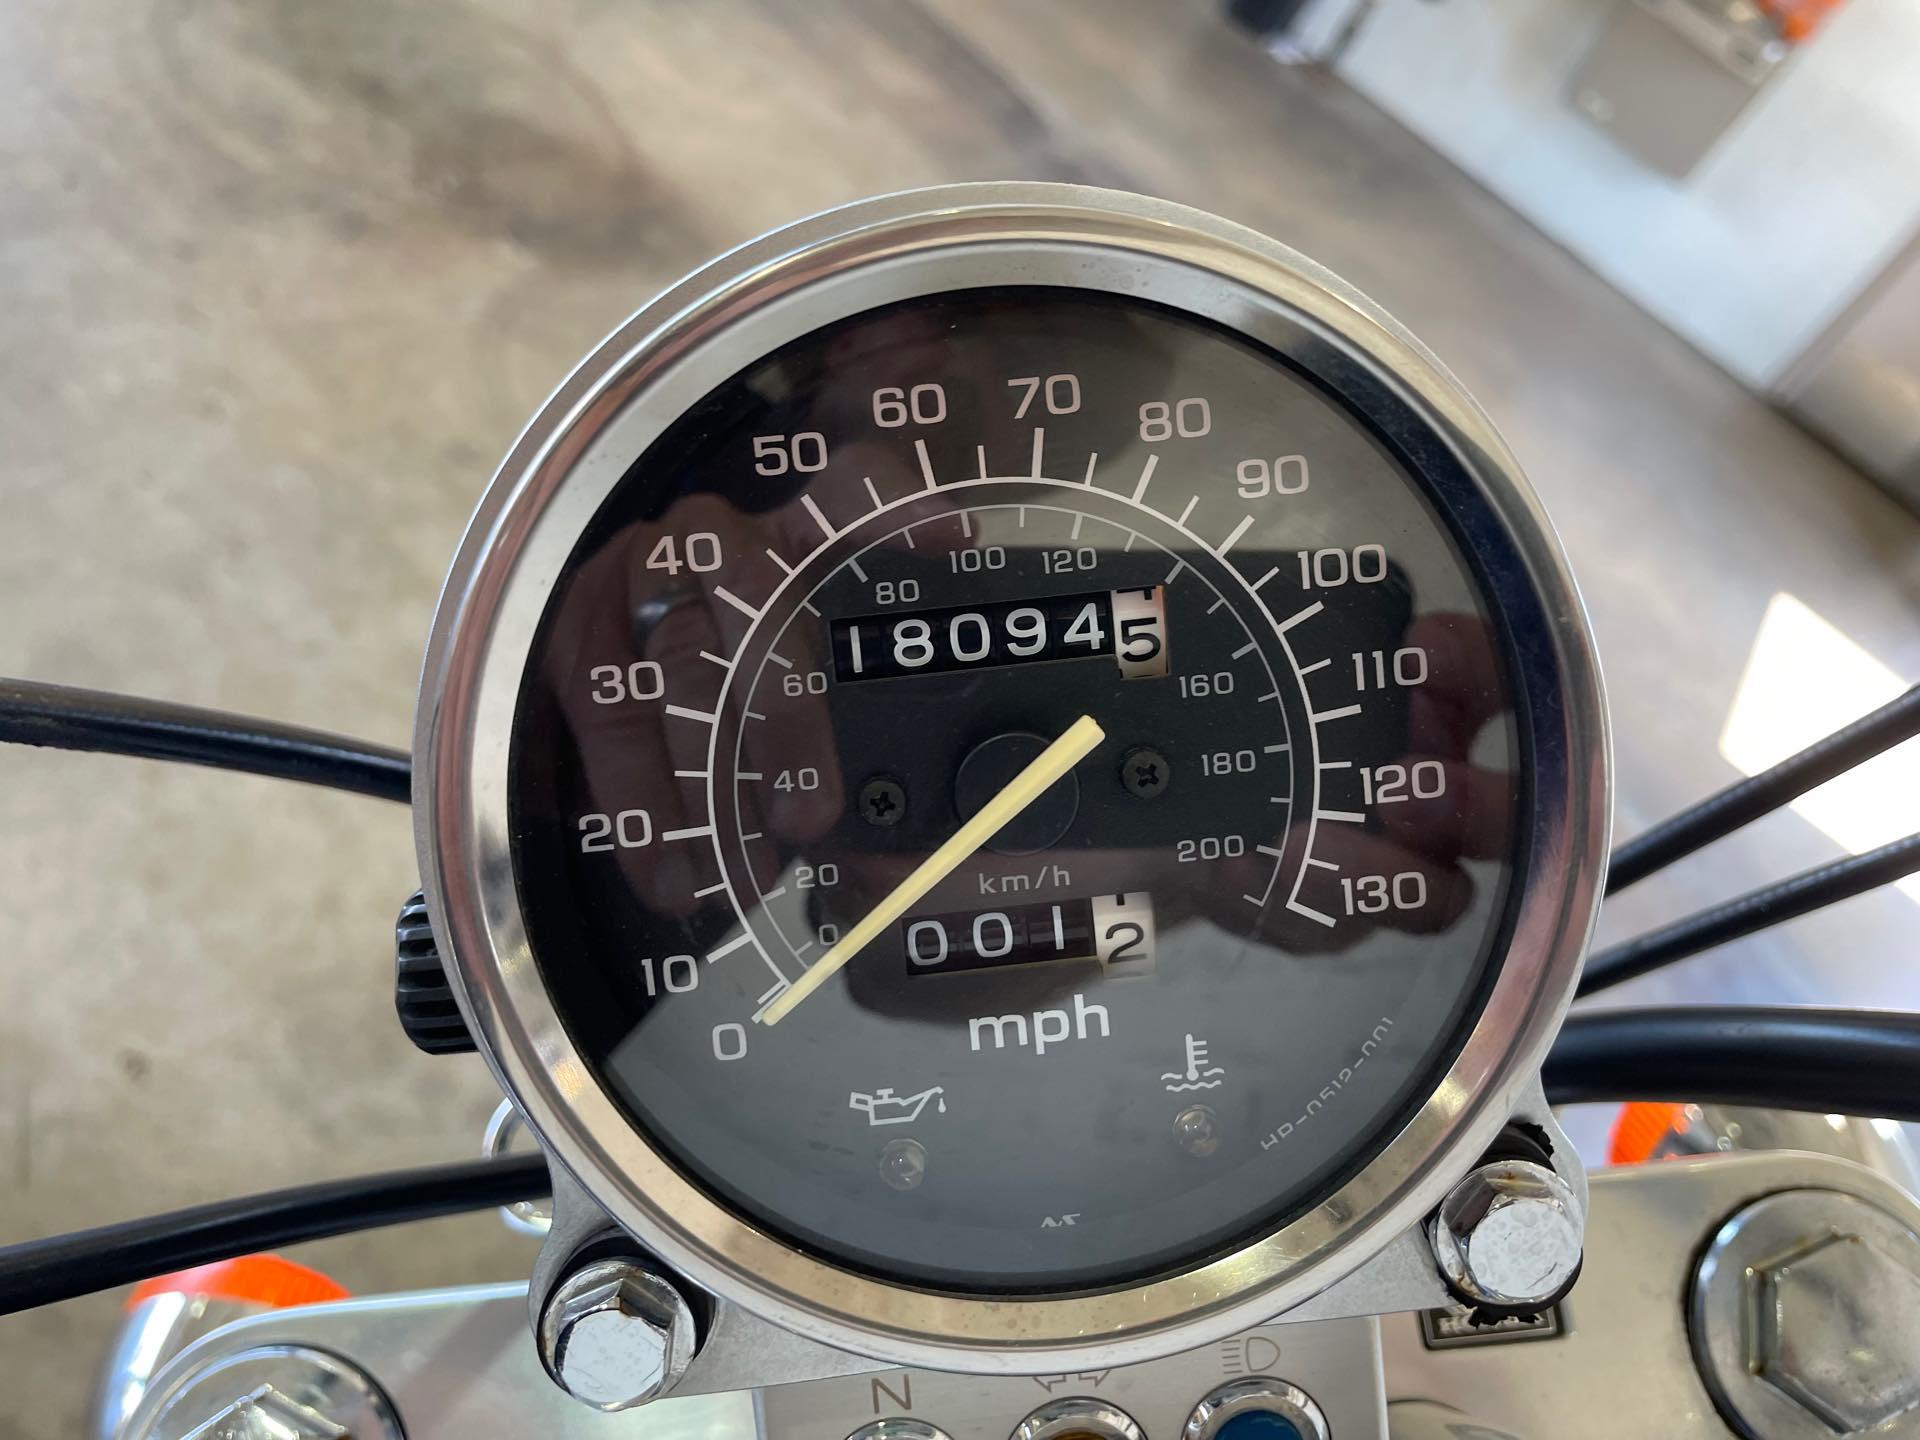 2006 Honda Shadow Spirit at Twisted Cycles